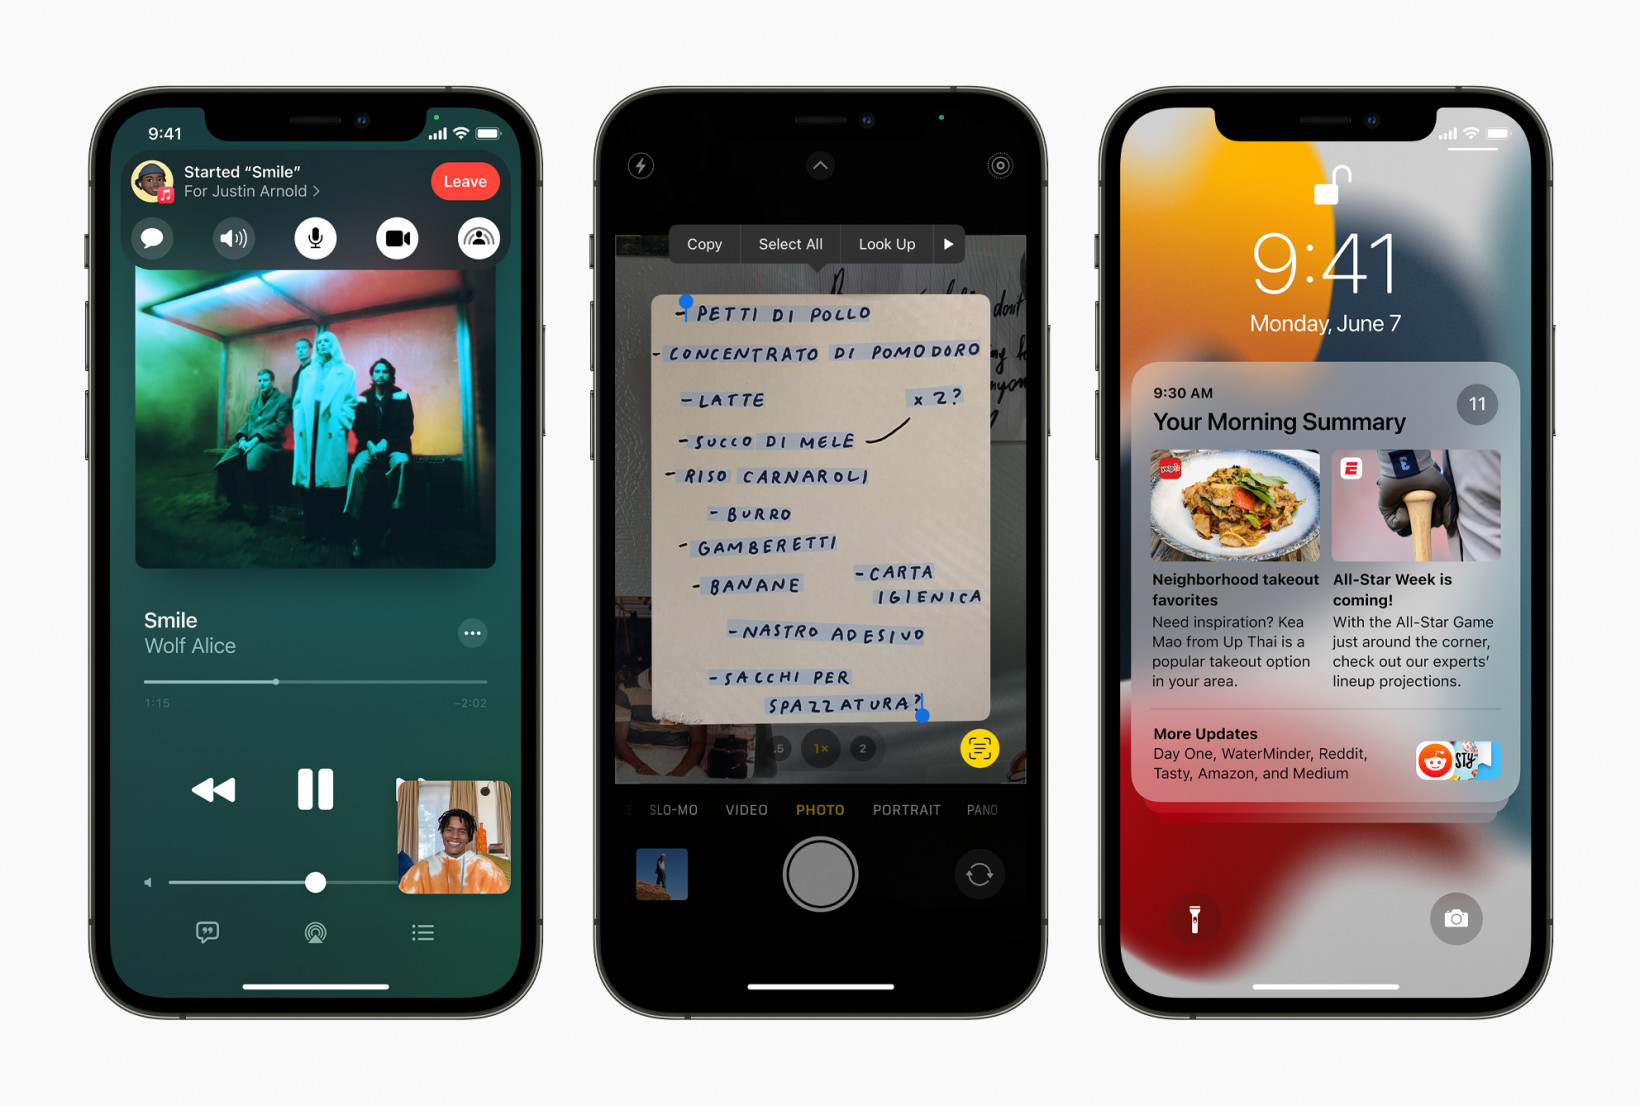 Novos recursos que chegam ao iOS 15, incluindo FaceTime Shareplay, texto ao vivo e novo design de notificações